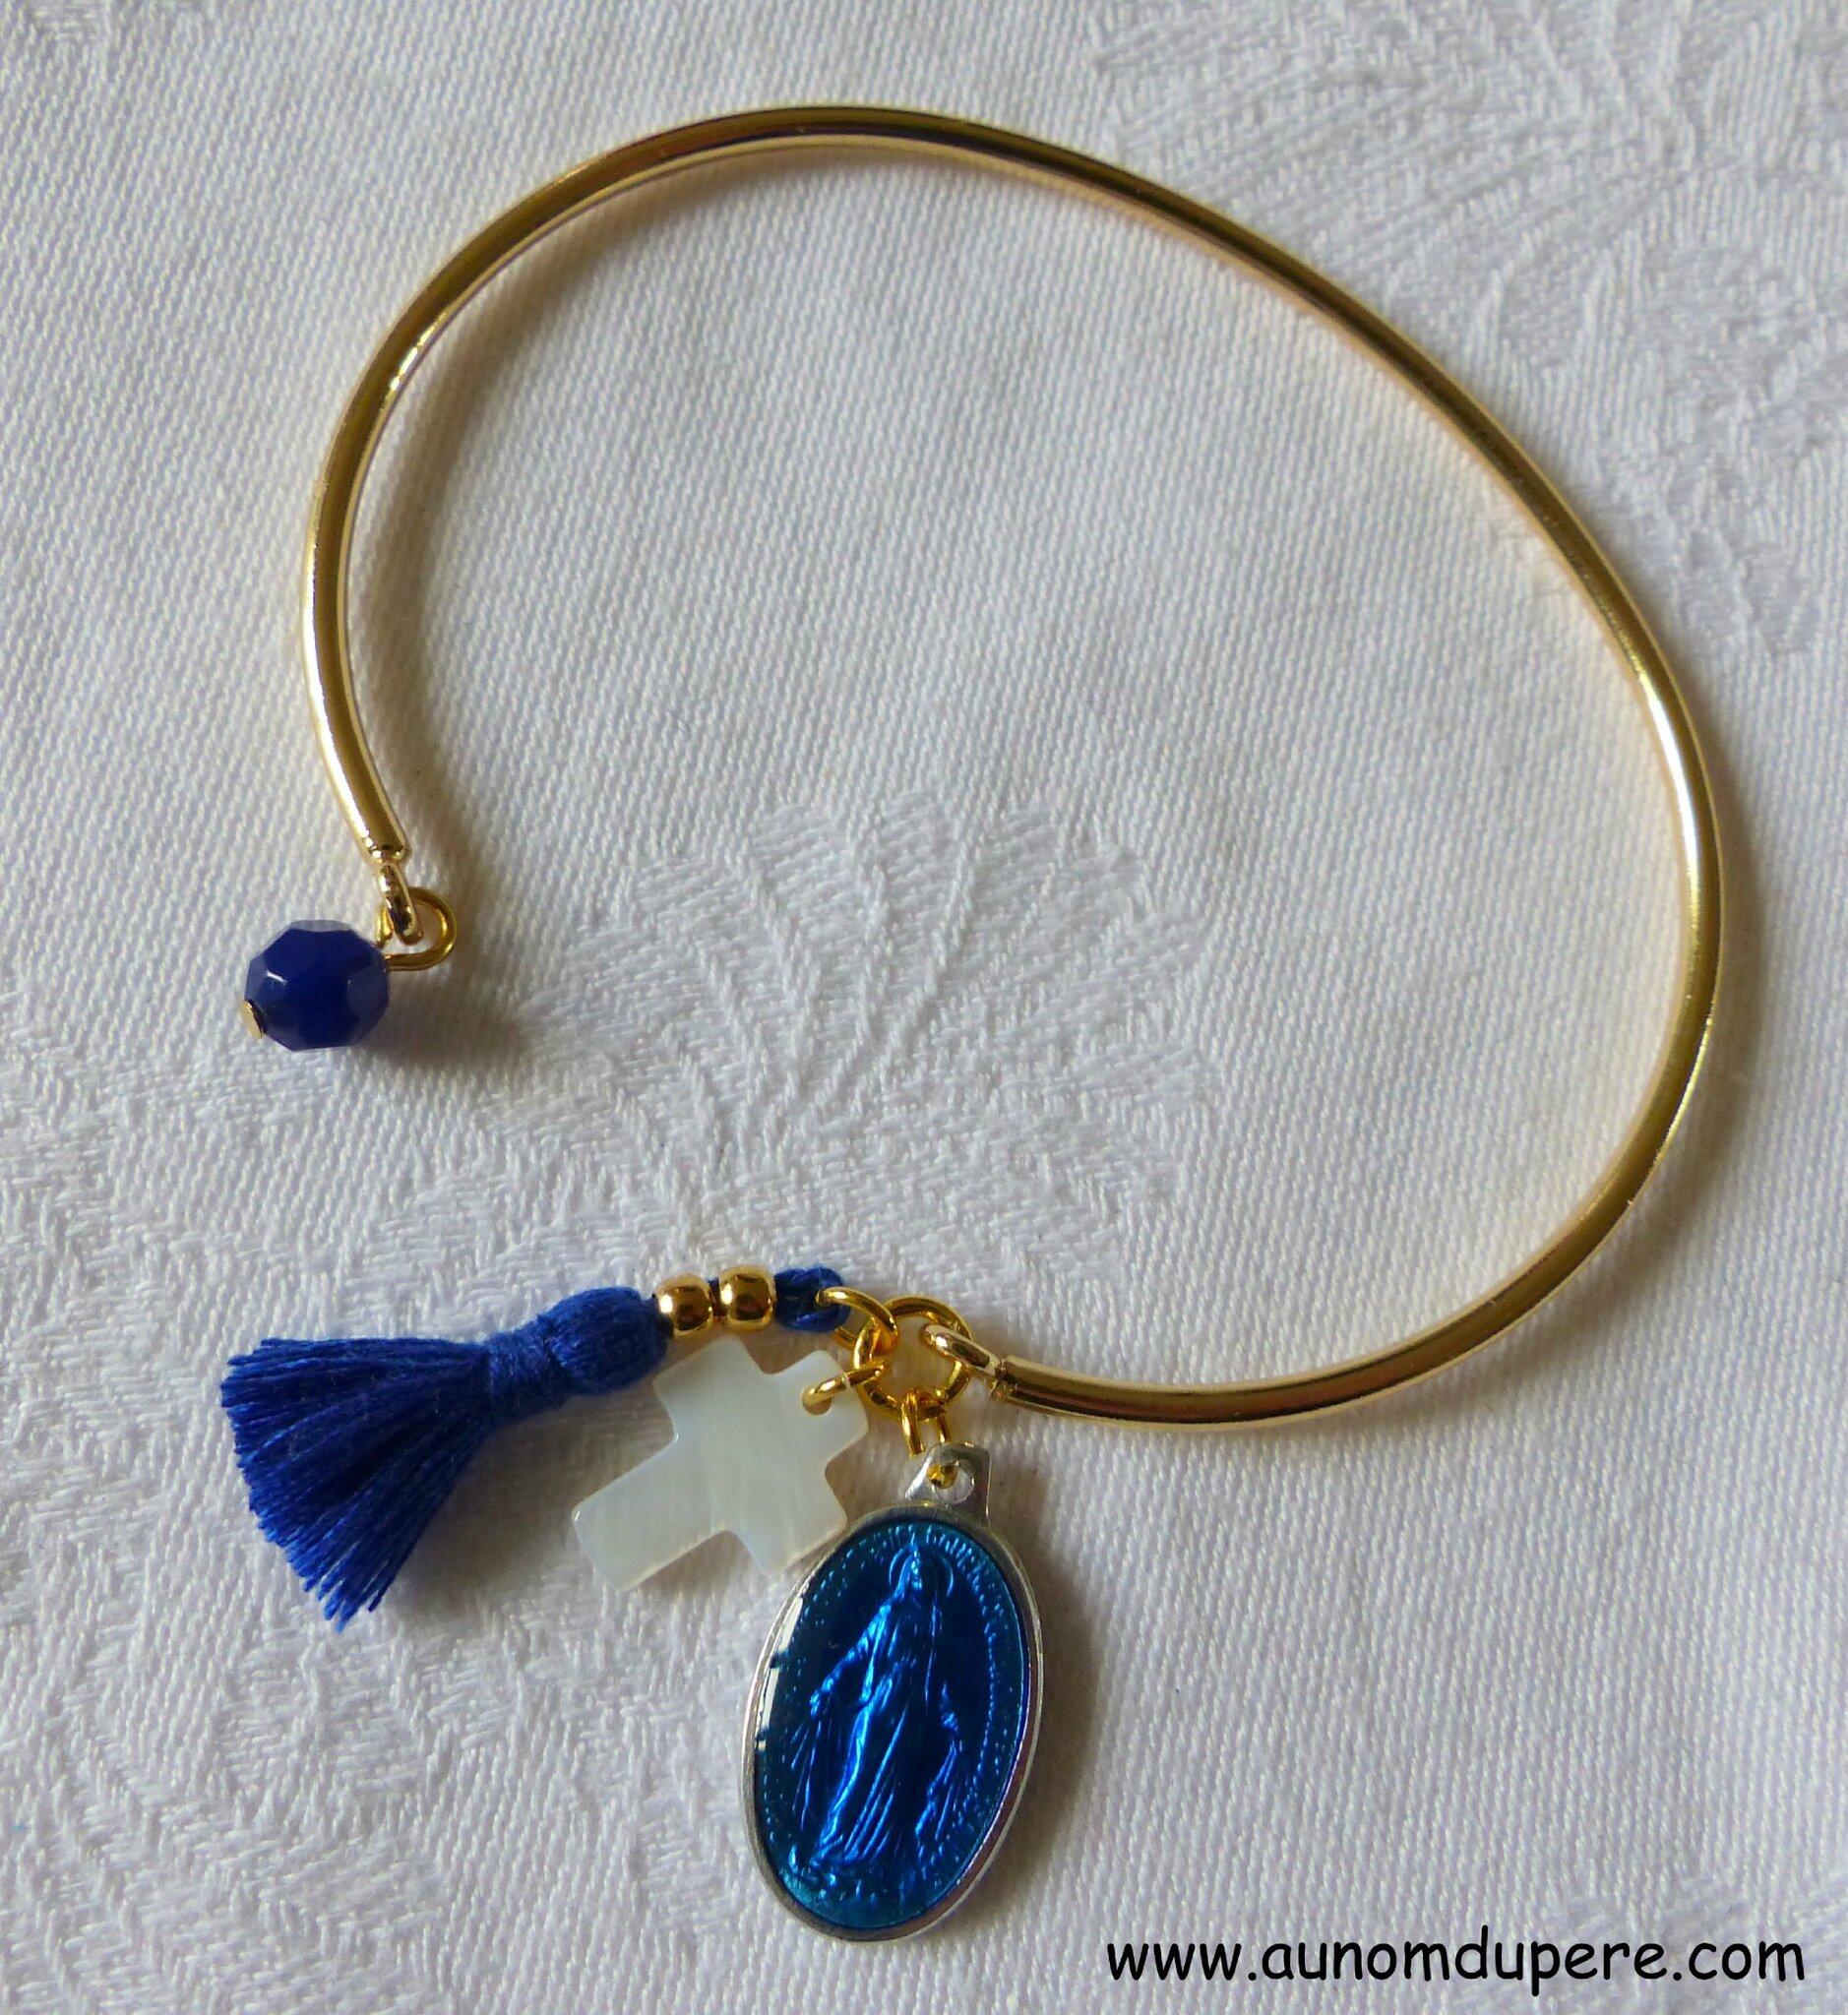 Bracelet de Nazareth (bleu nuit et doré) - 16 €